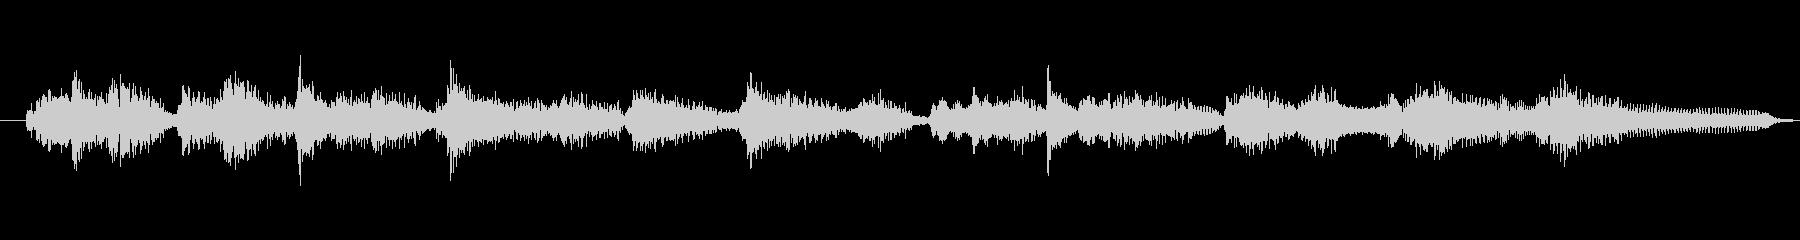 ギターのアンサンブルの未再生の波形